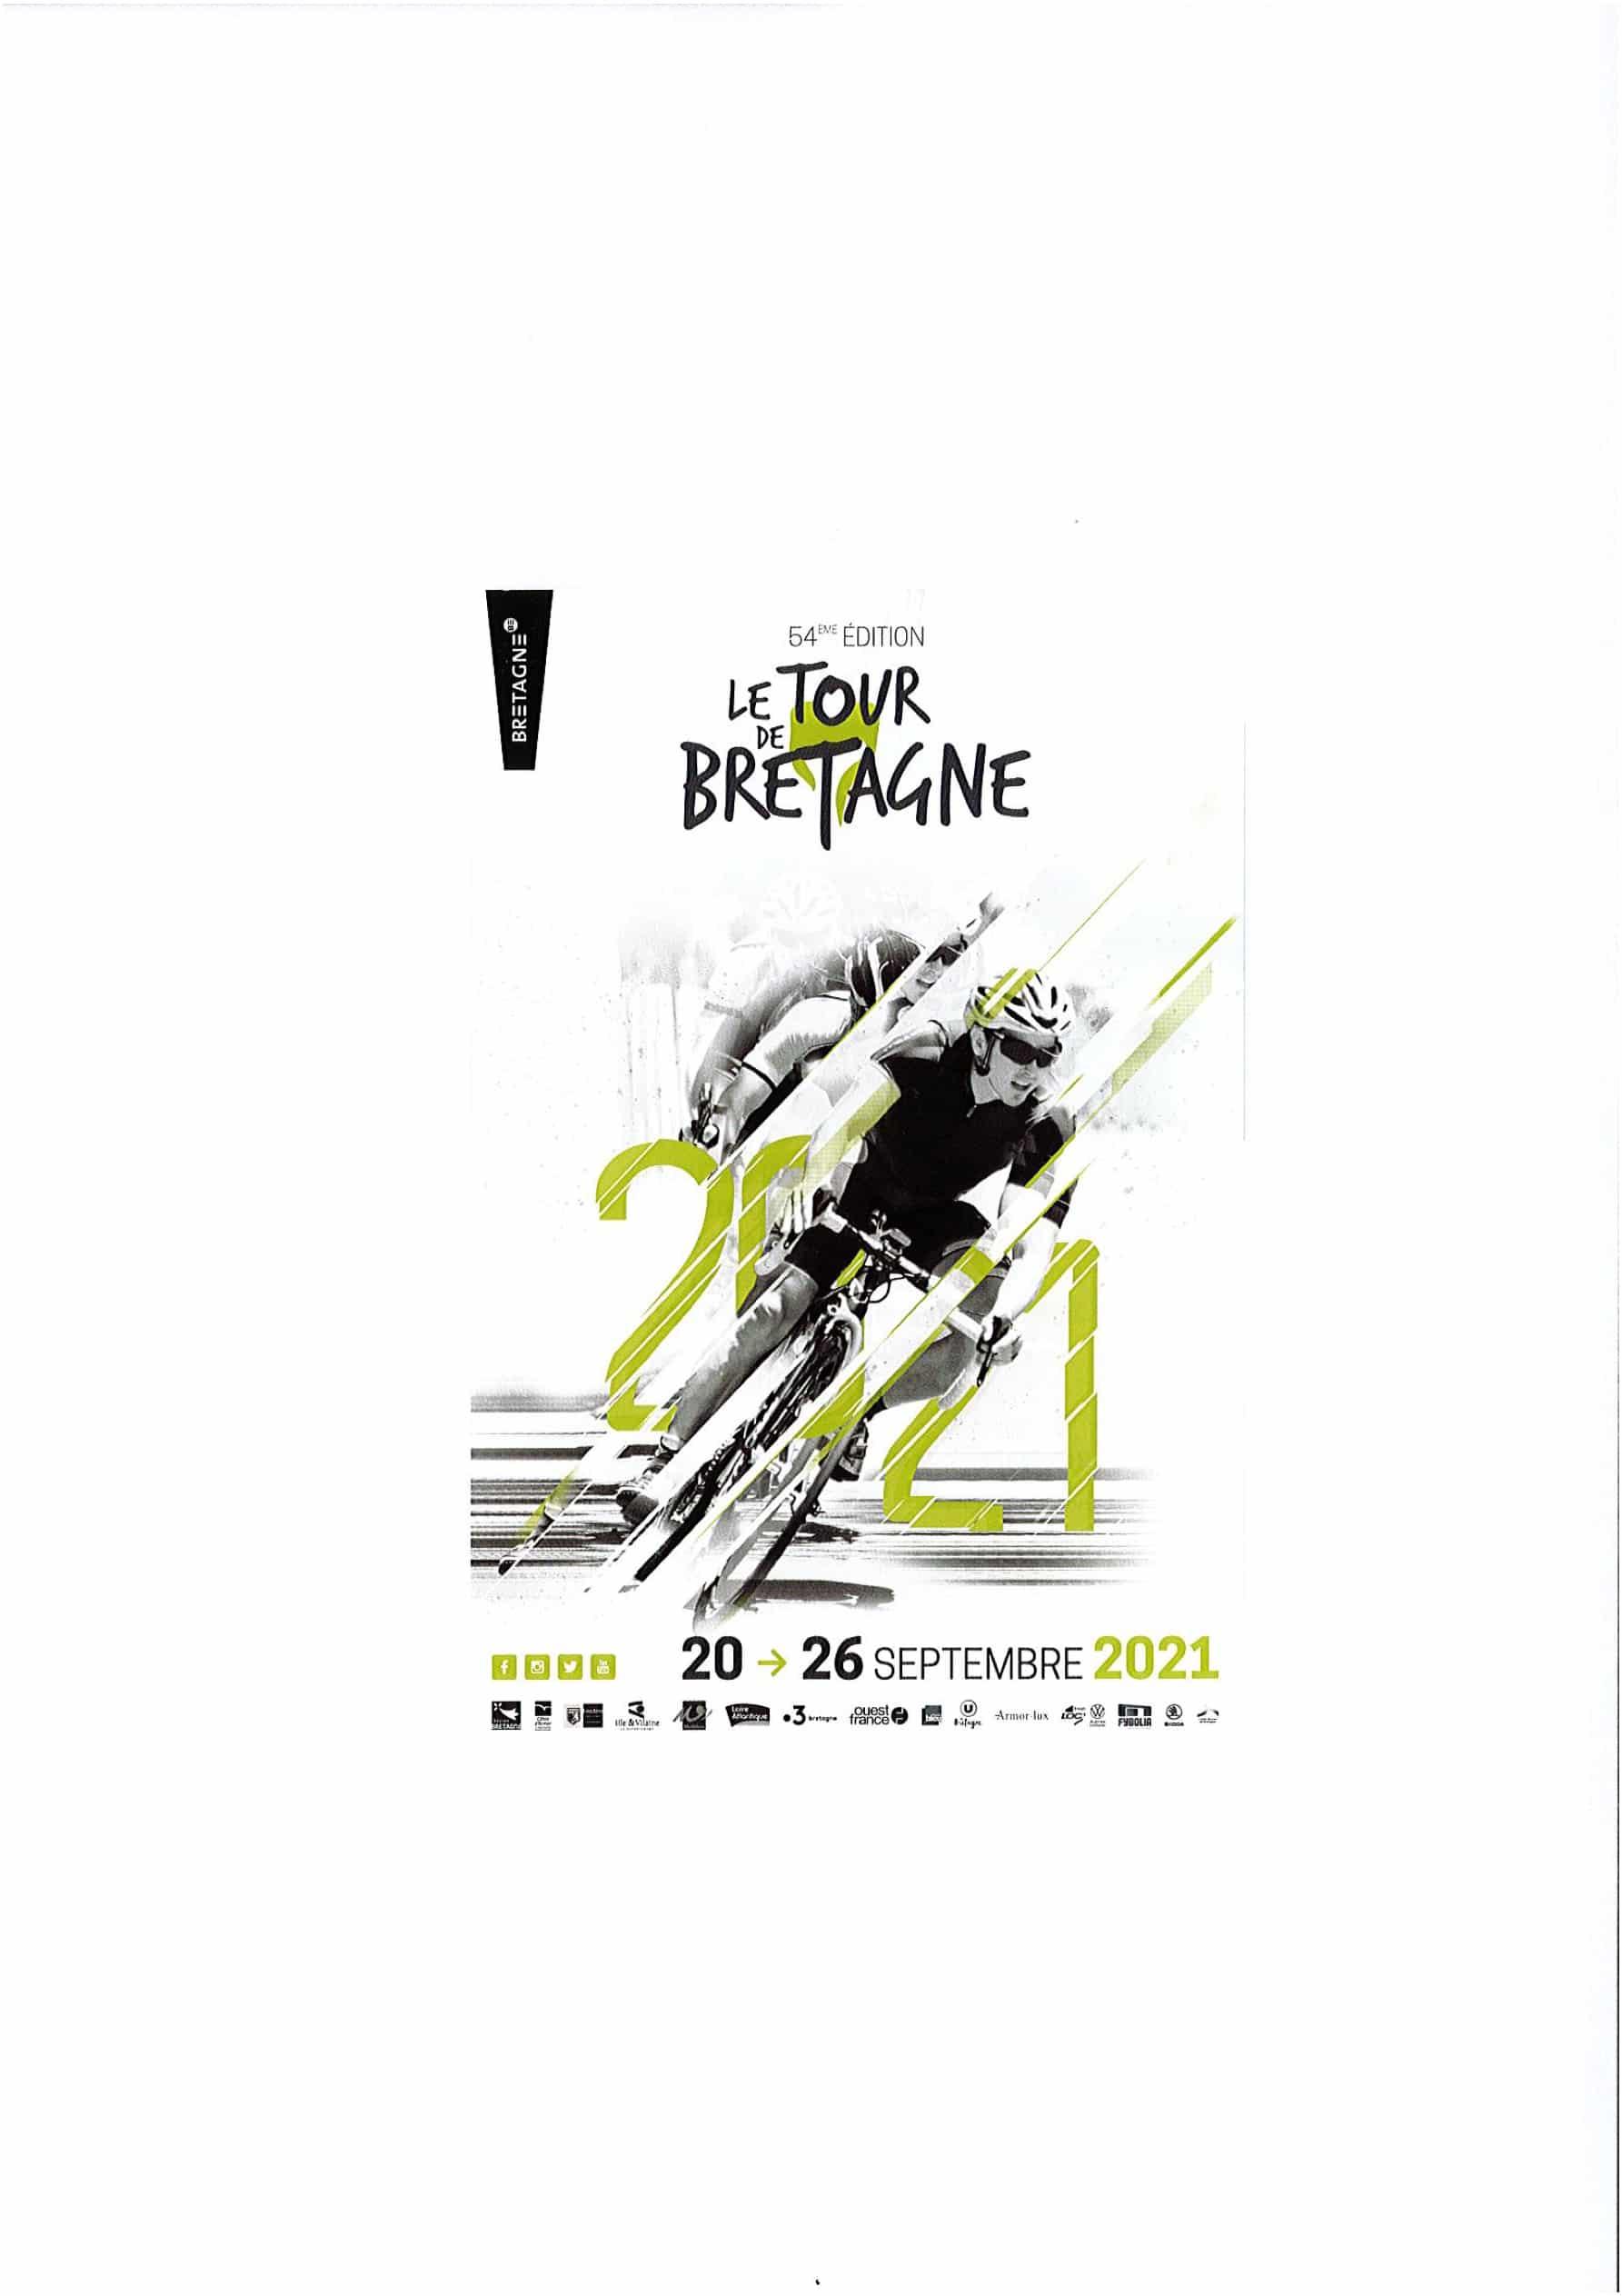 LE TOUR DE BRETAGNE DU 20 AU 26 SEPTEMBRE 2021